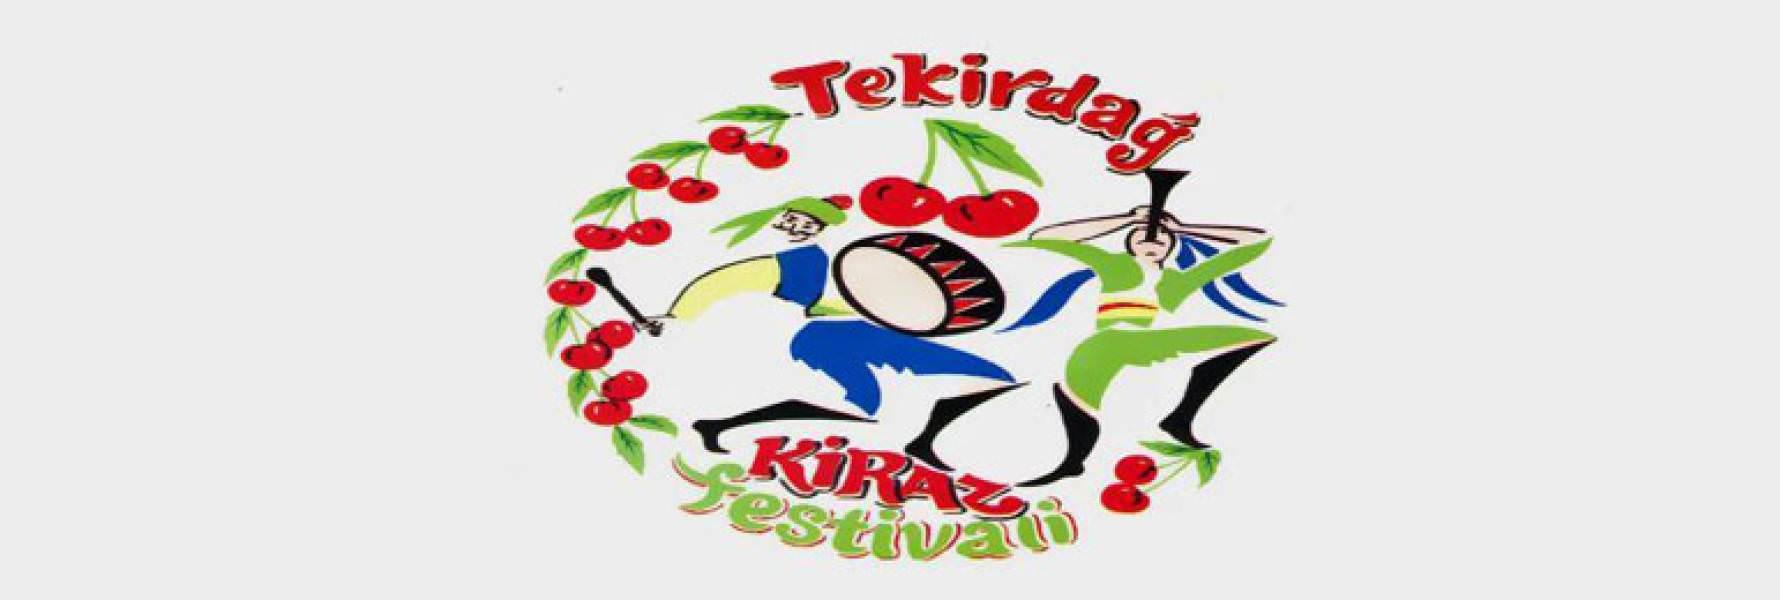 Tekirdağ Kiraz Festivali ile halkımız müziğe doyacak